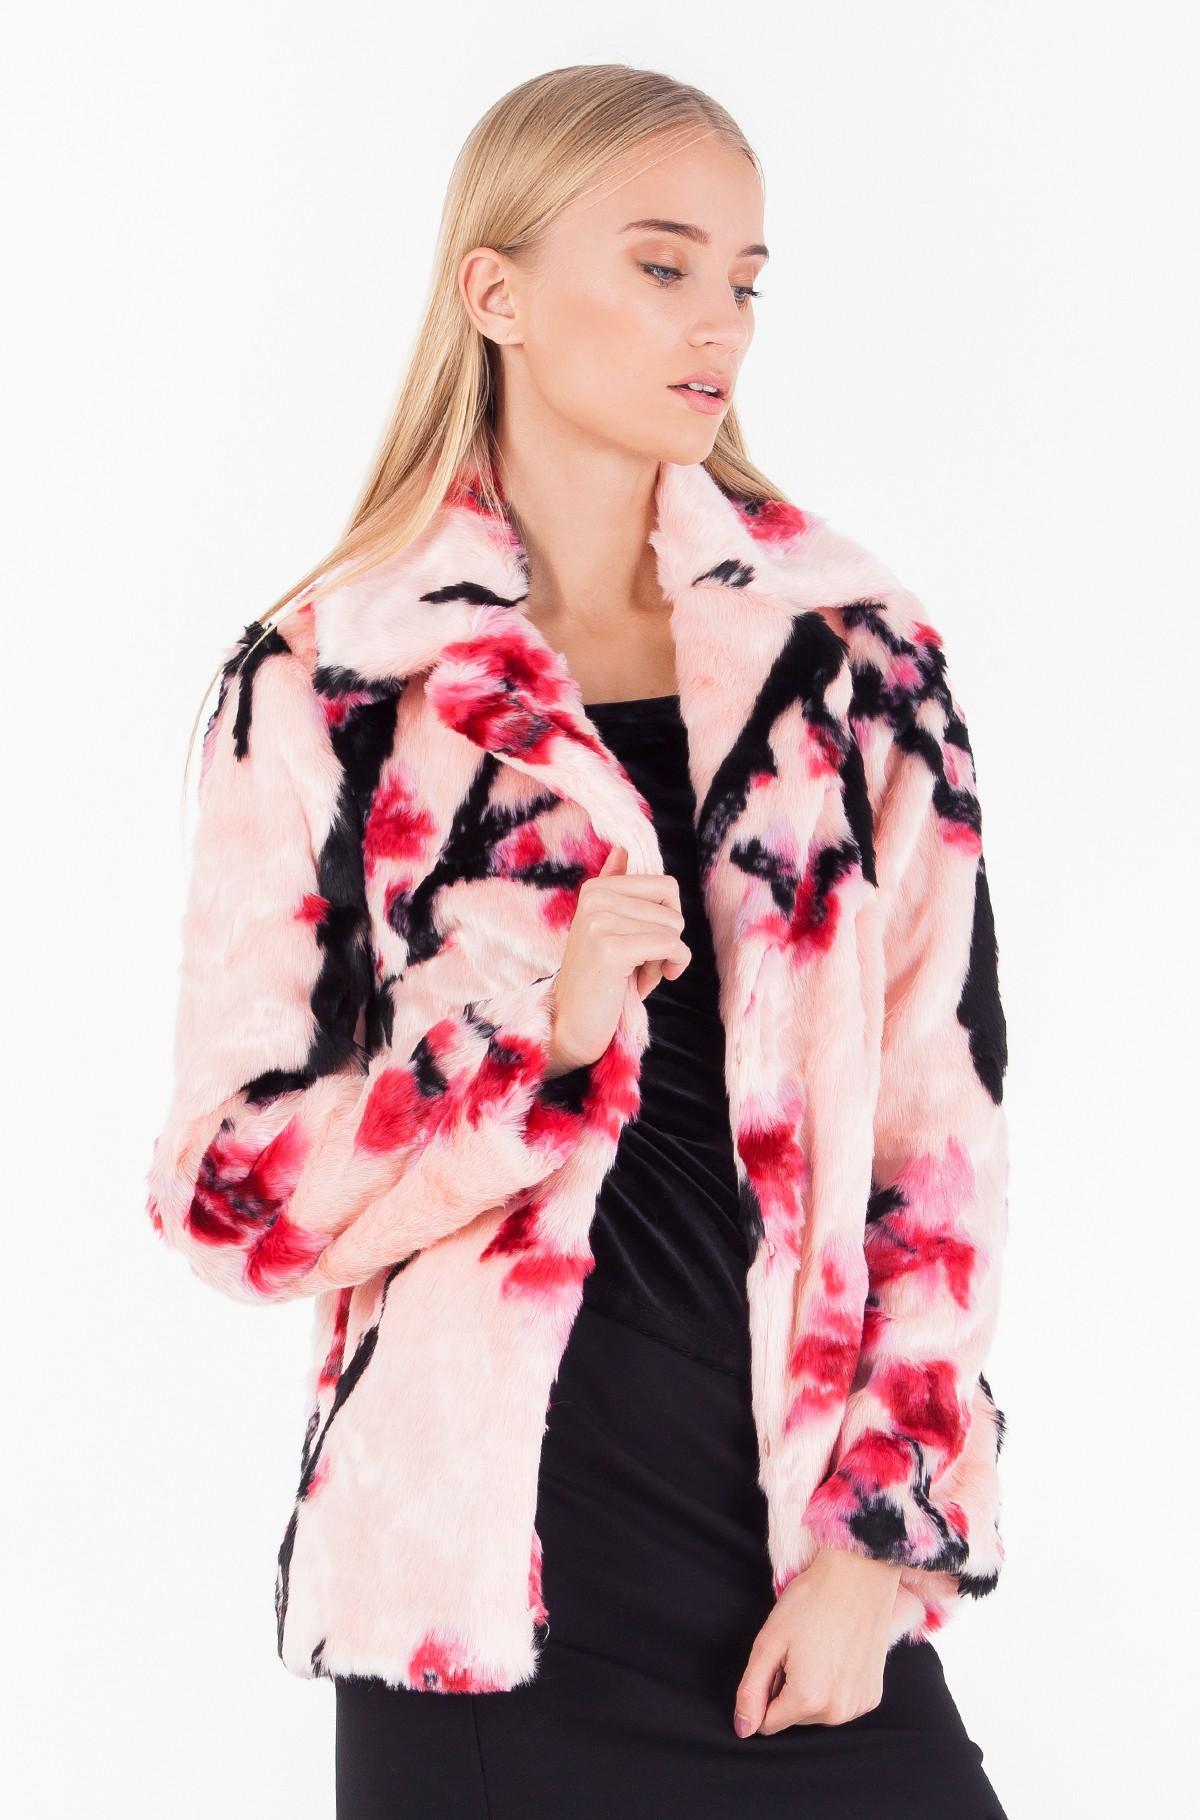 Fur coat W74L14 W9T70-full-1